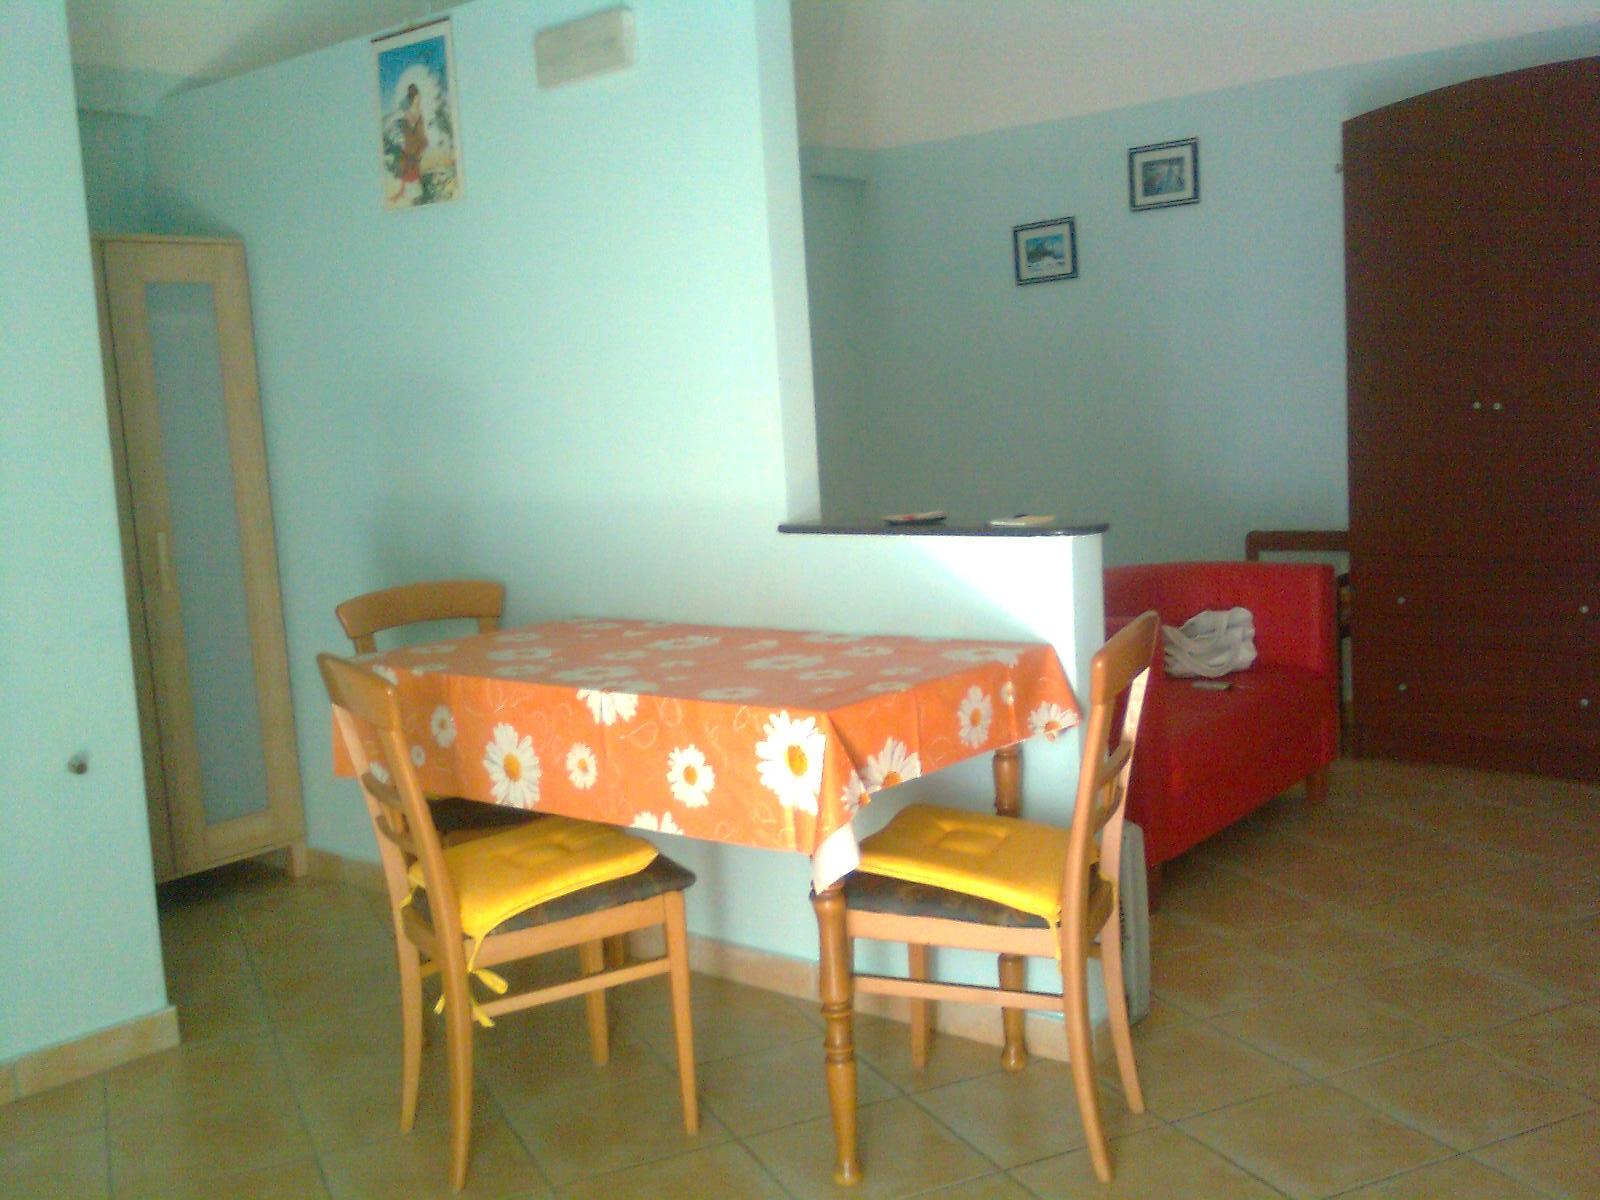 Affitto appartamento vacanza canosa di puglia barletta for Affitto trani arredato